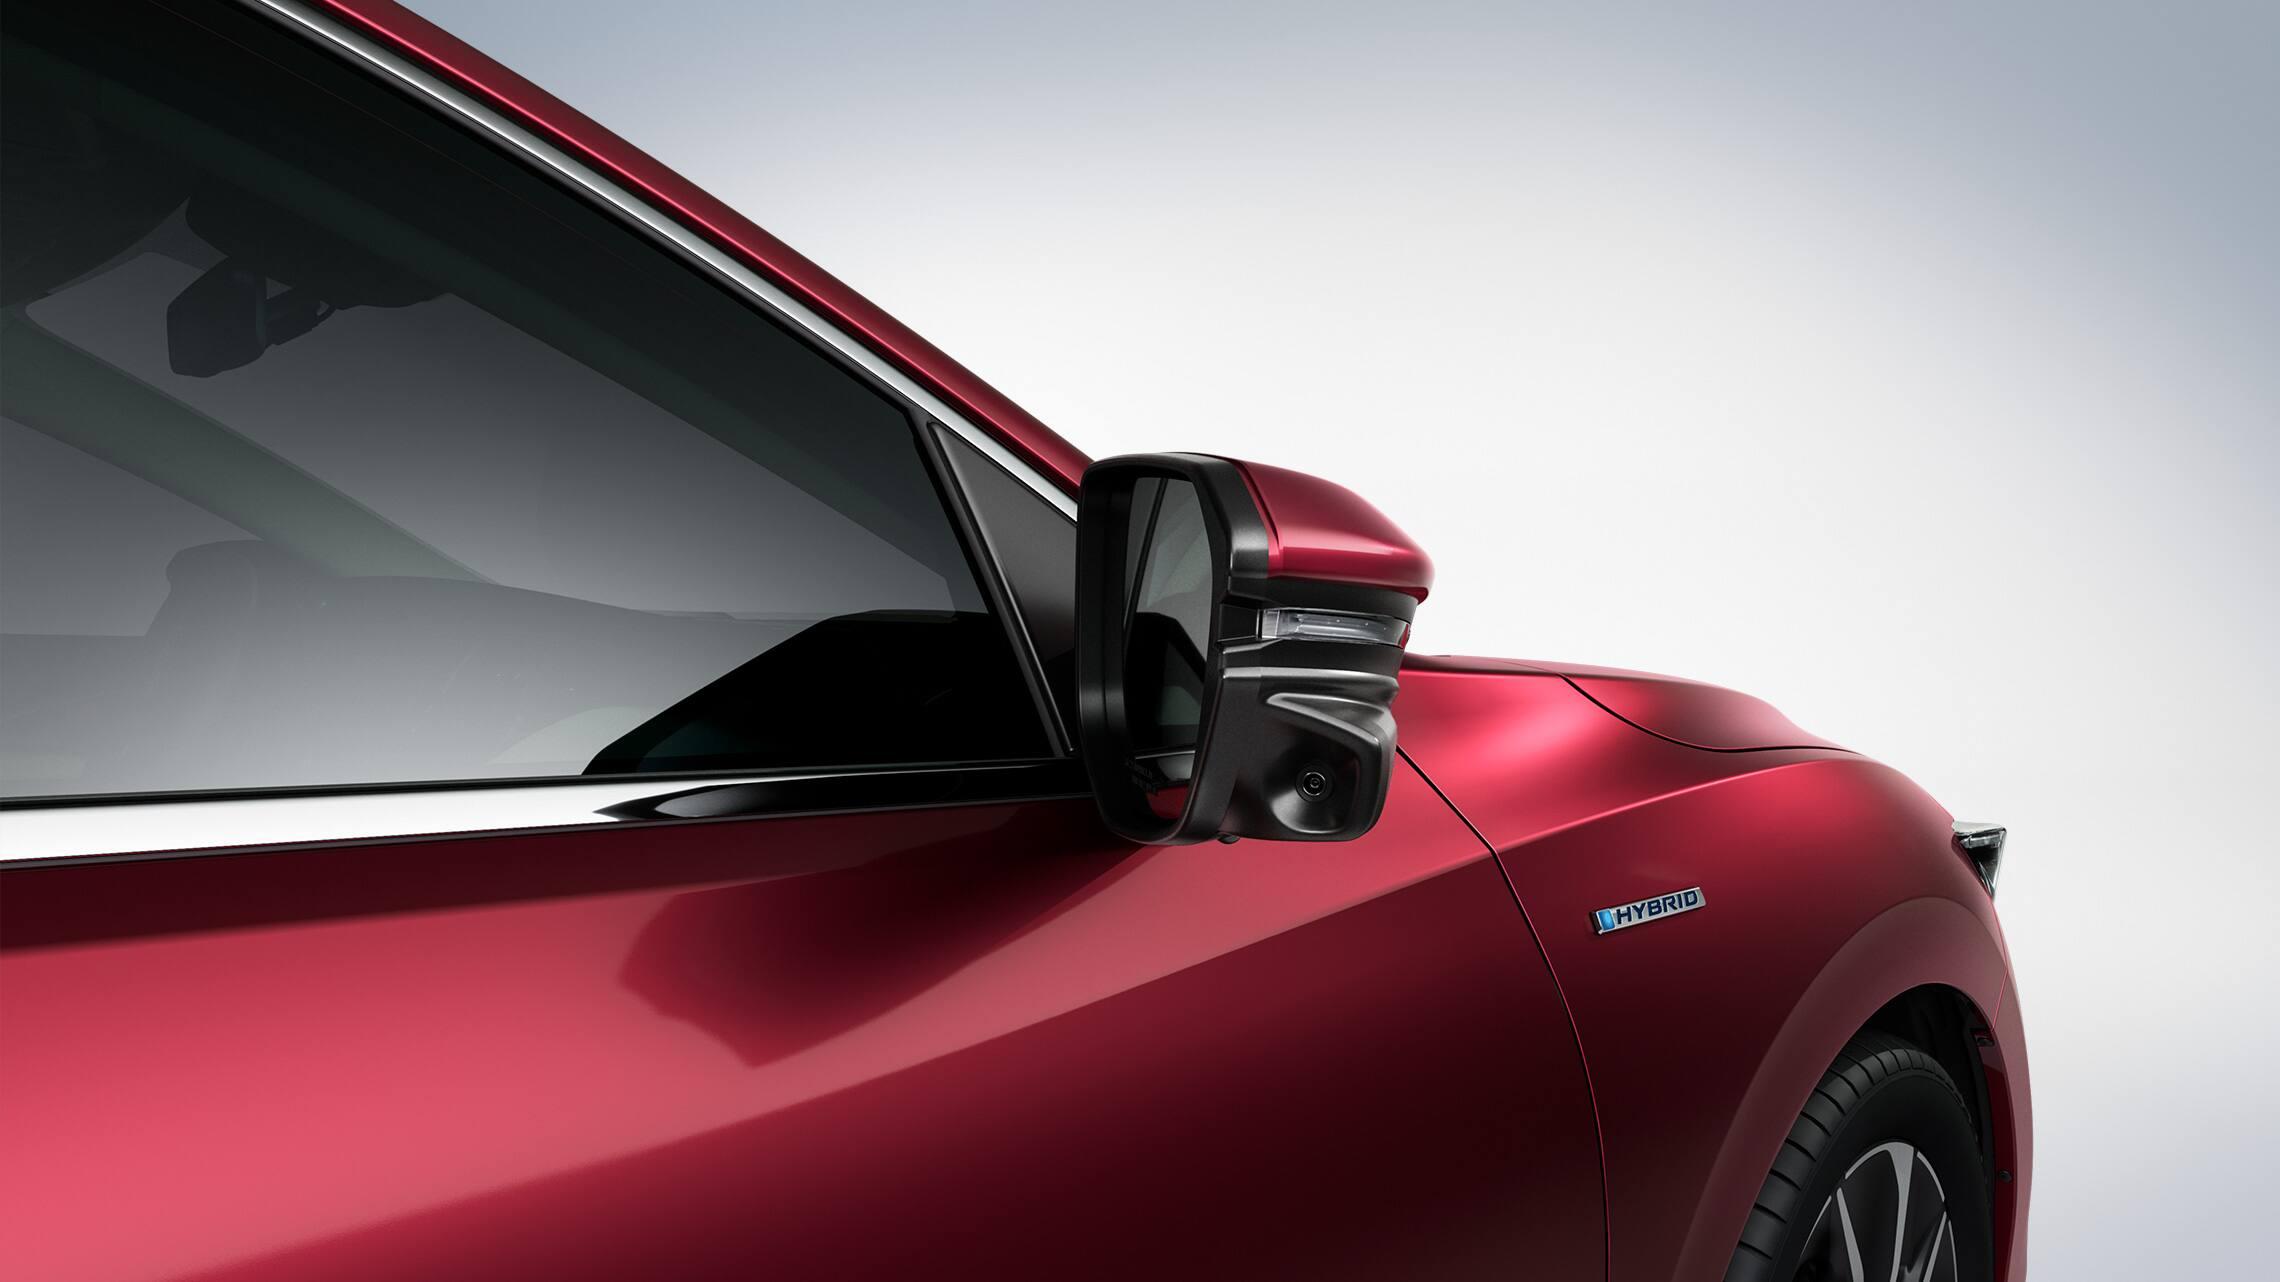 Detalle de la cámara Honda LaneWatch™ en el espejo del lado del pasajero del Honda Insight2020 en Crimson Pearl.